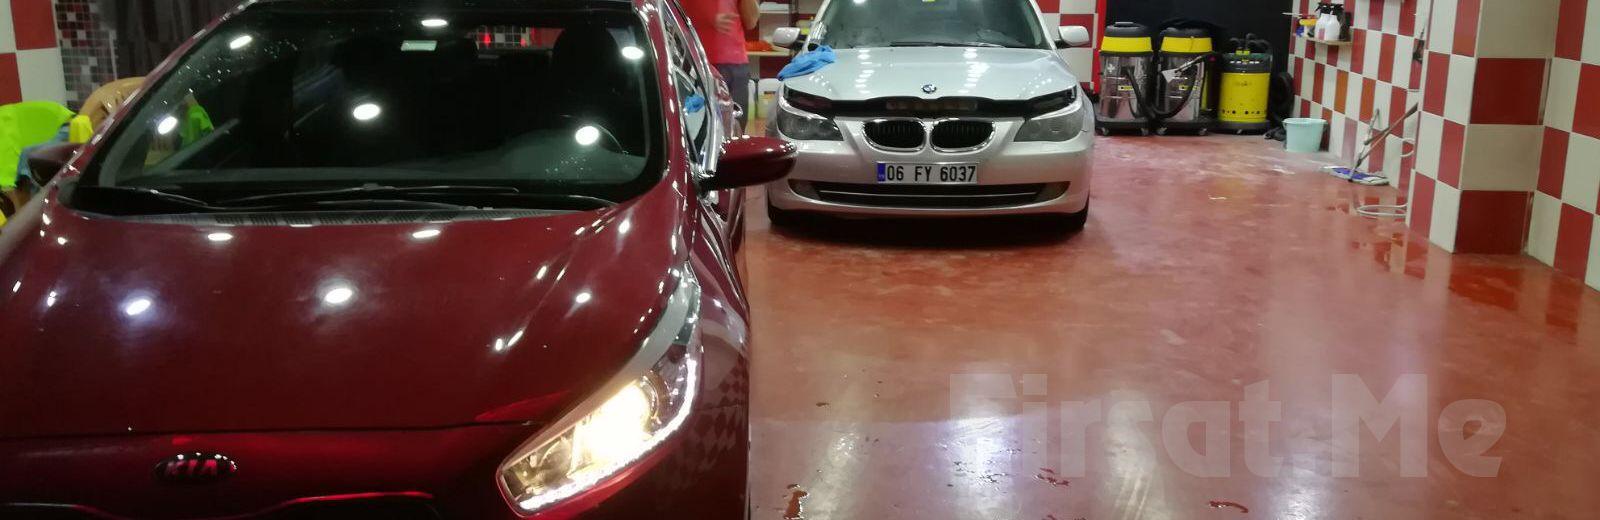 Başakşehir YF Oto Kuaför'de İç Dış Yıkama, Pasta Cila, Seramik Kaplama ve Bakım Paketleri